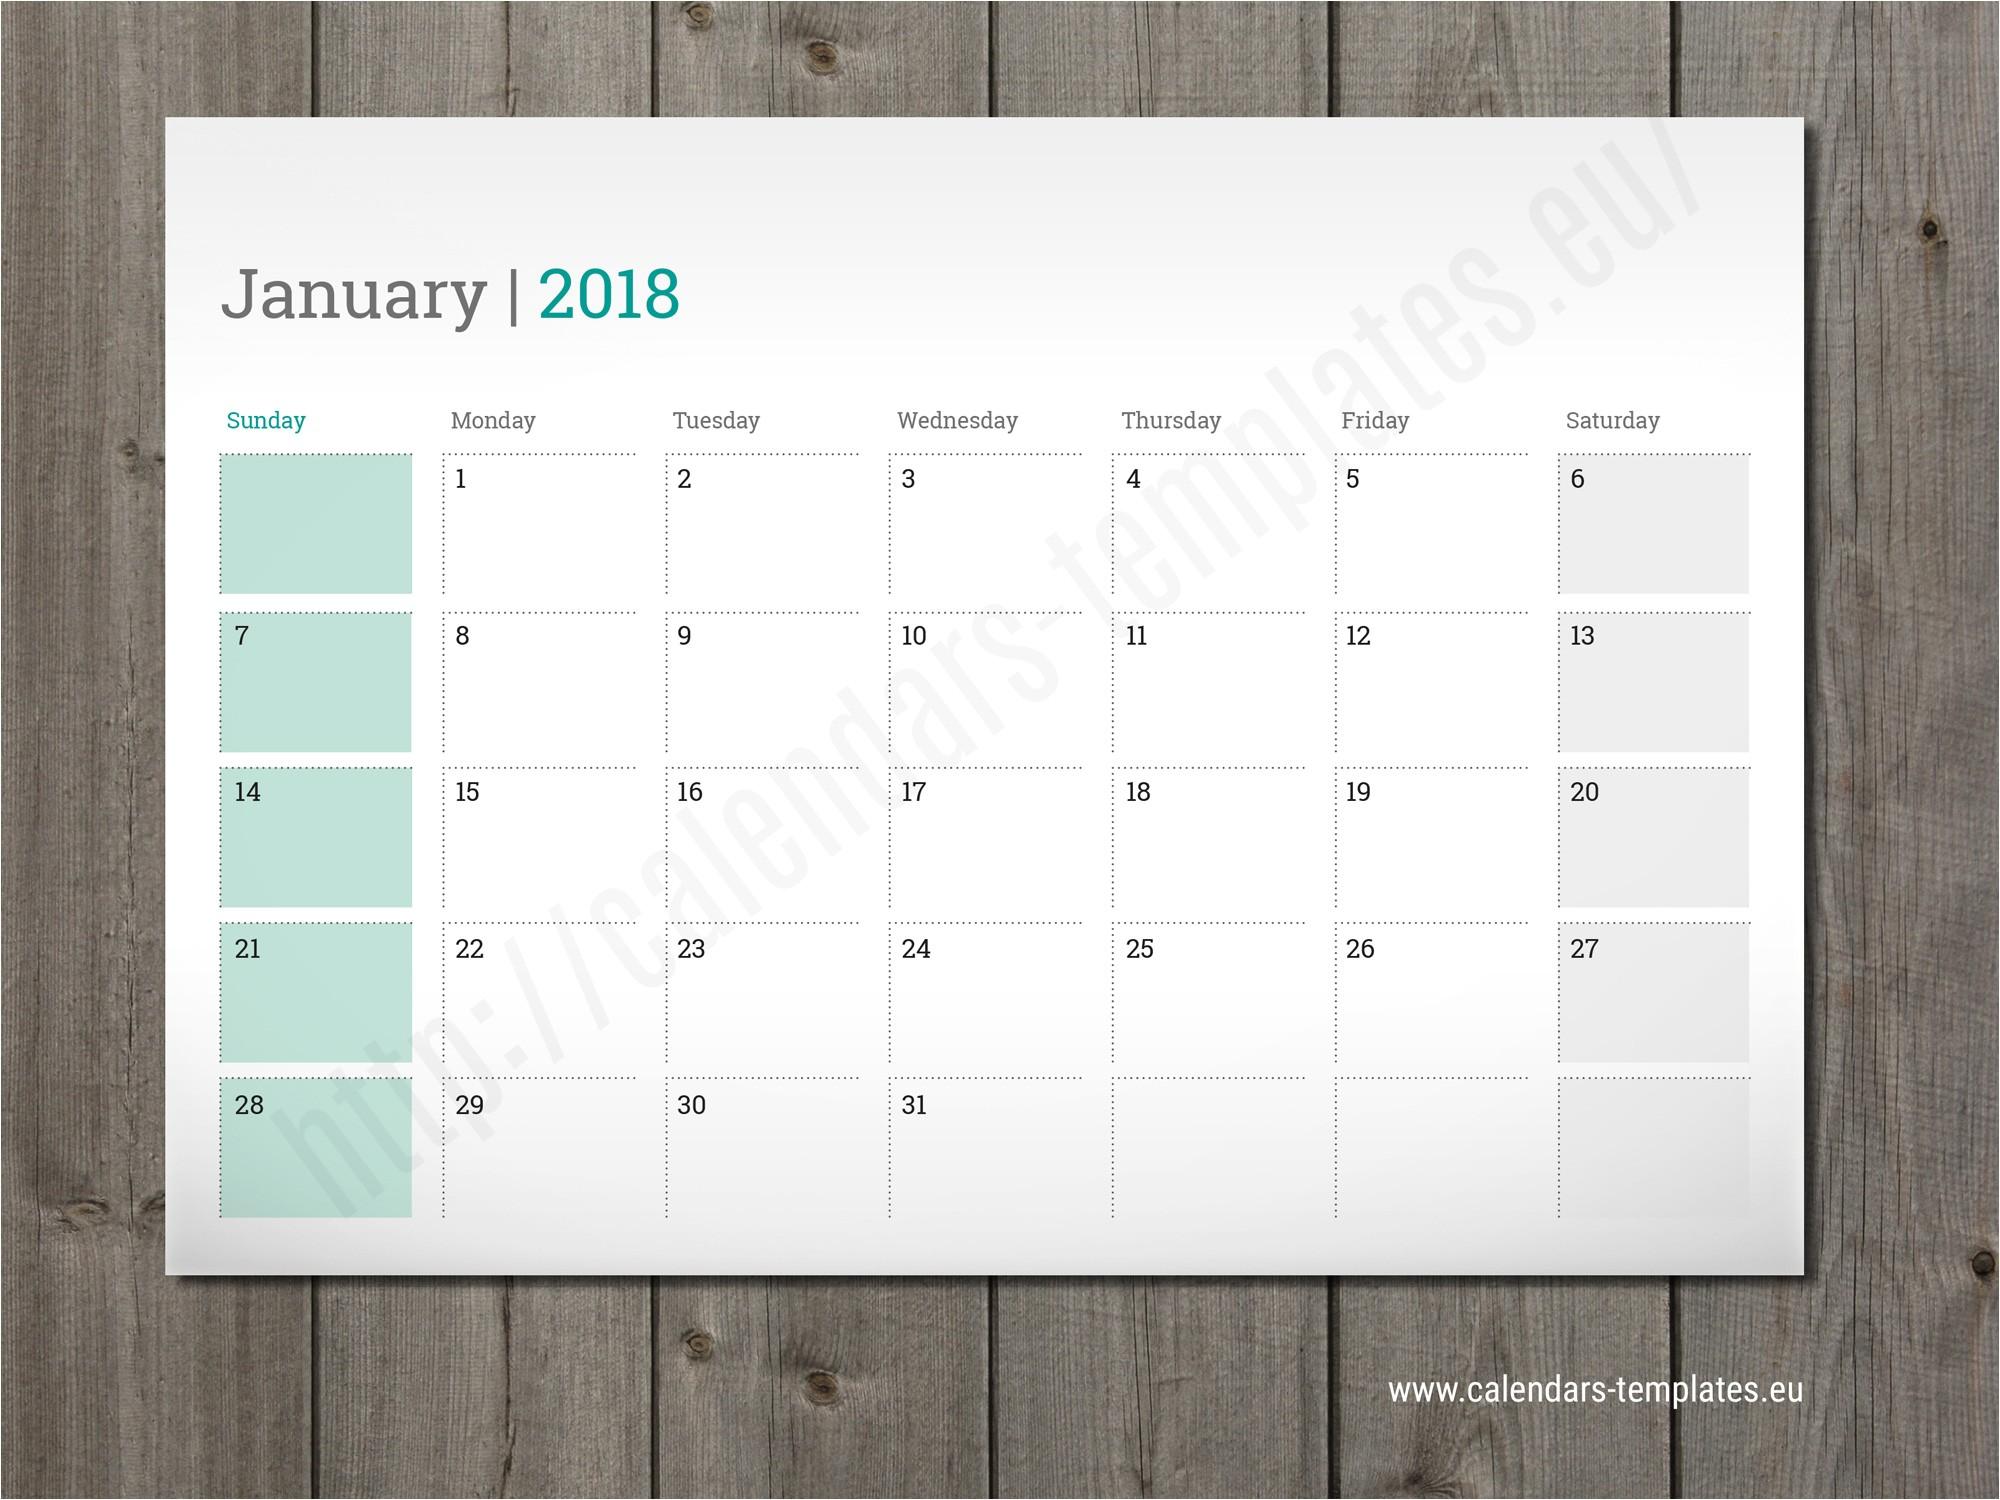 kalender 2018 template indesign